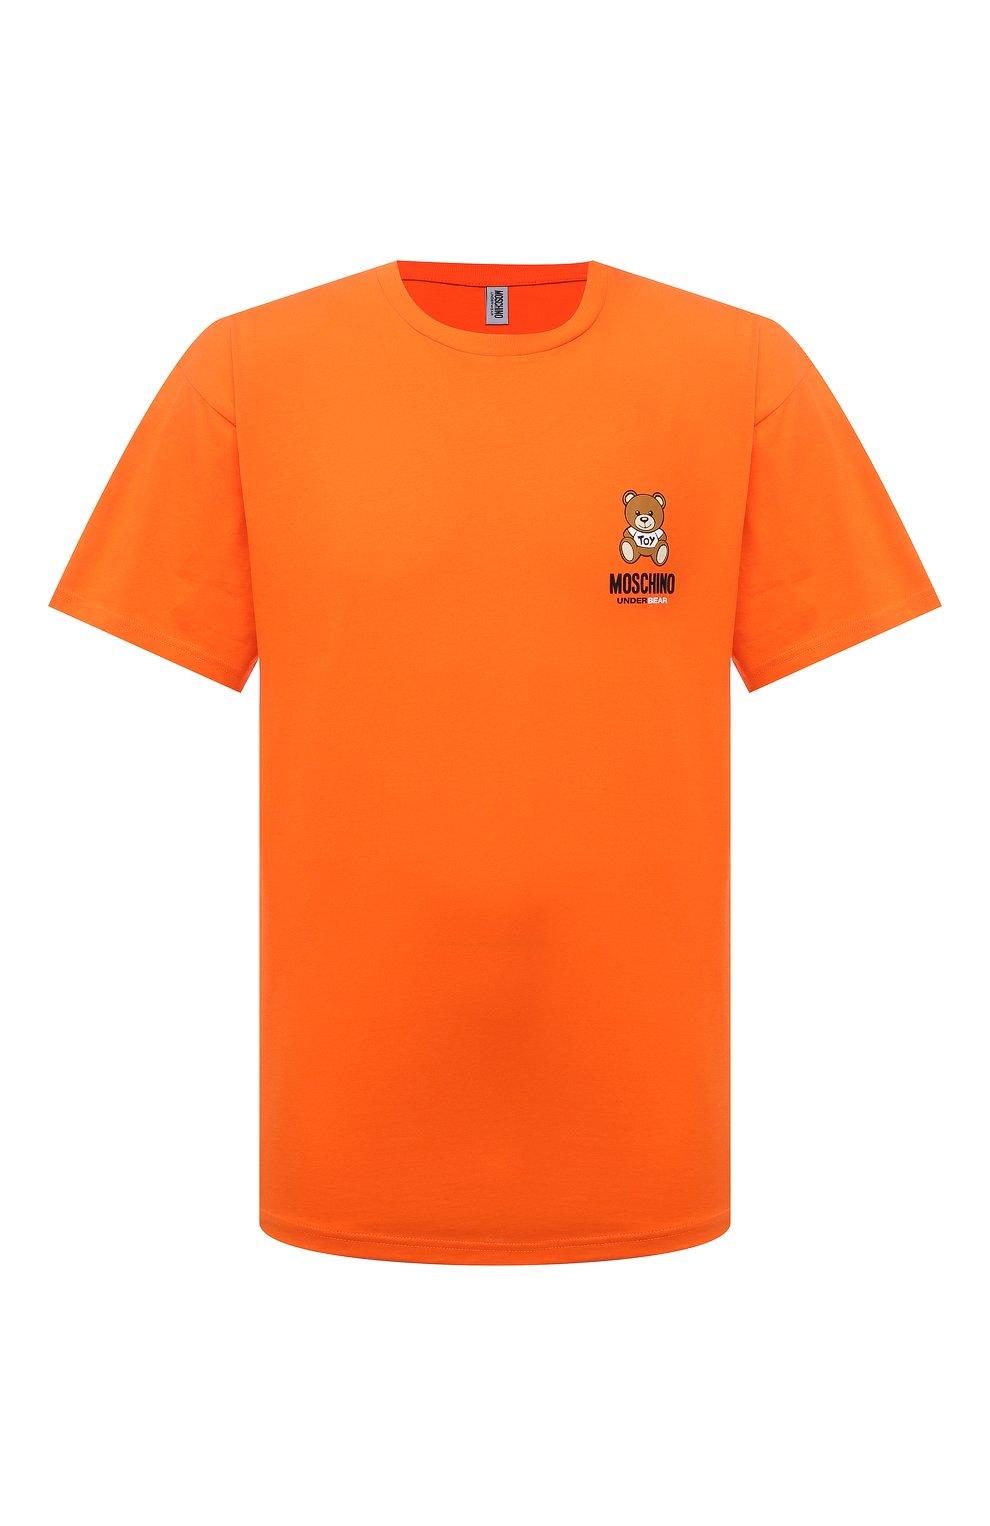 Мужская хлопковая футболка MOSCHINO оранжевого цвета, арт. A1923/8125 | Фото 1 (Кросс-КТ: домашняя одежда; Рукава: Короткие; Длина (для топов): Стандартные; Материал внешний: Хлопок; Мужское Кросс-КТ: Футболка-белье)